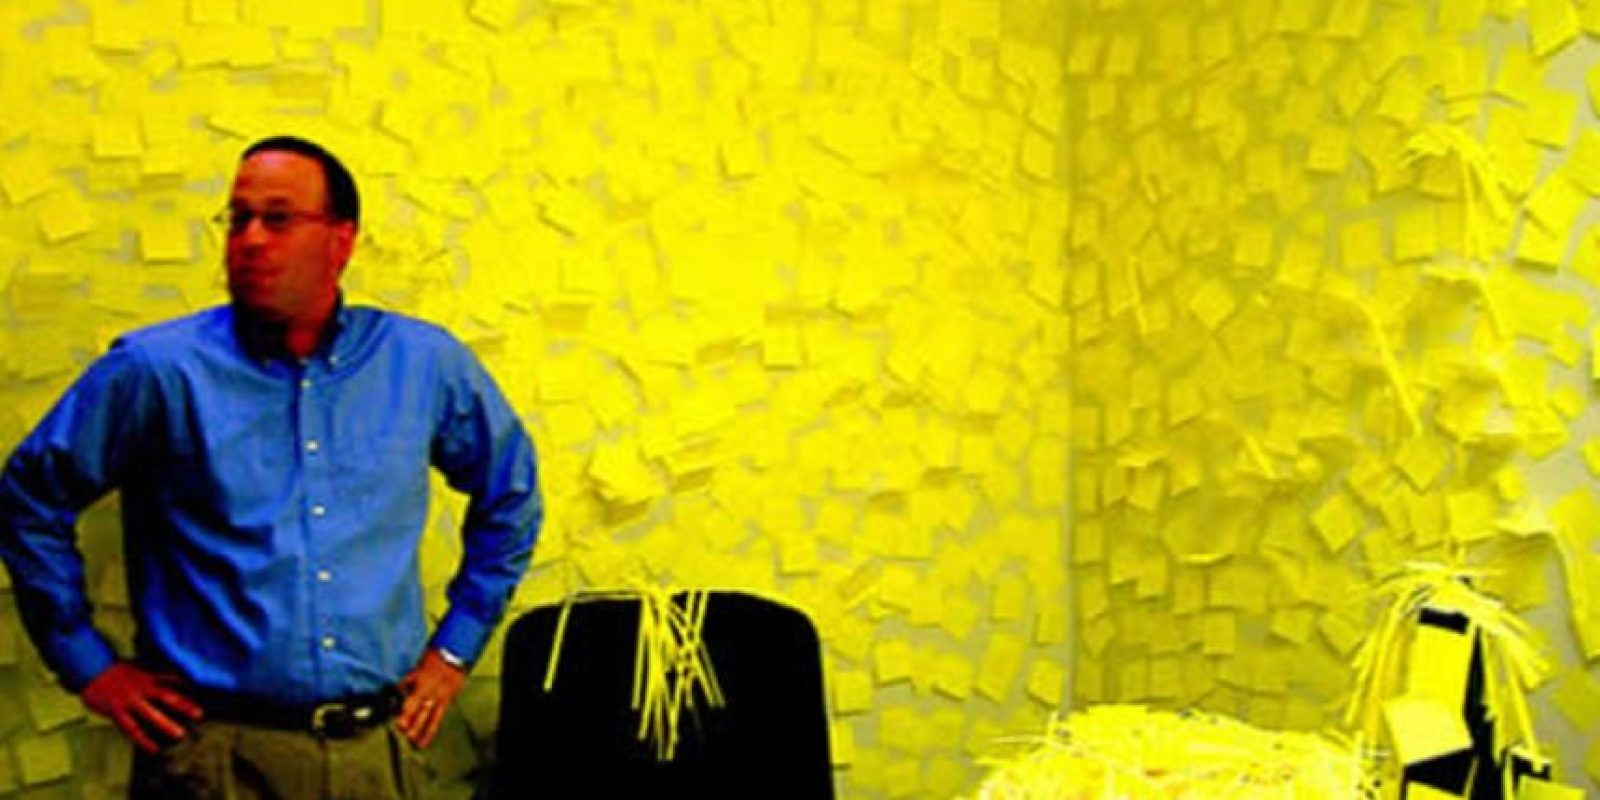 Si odian a alguien en la oficina… Foto:Prankked